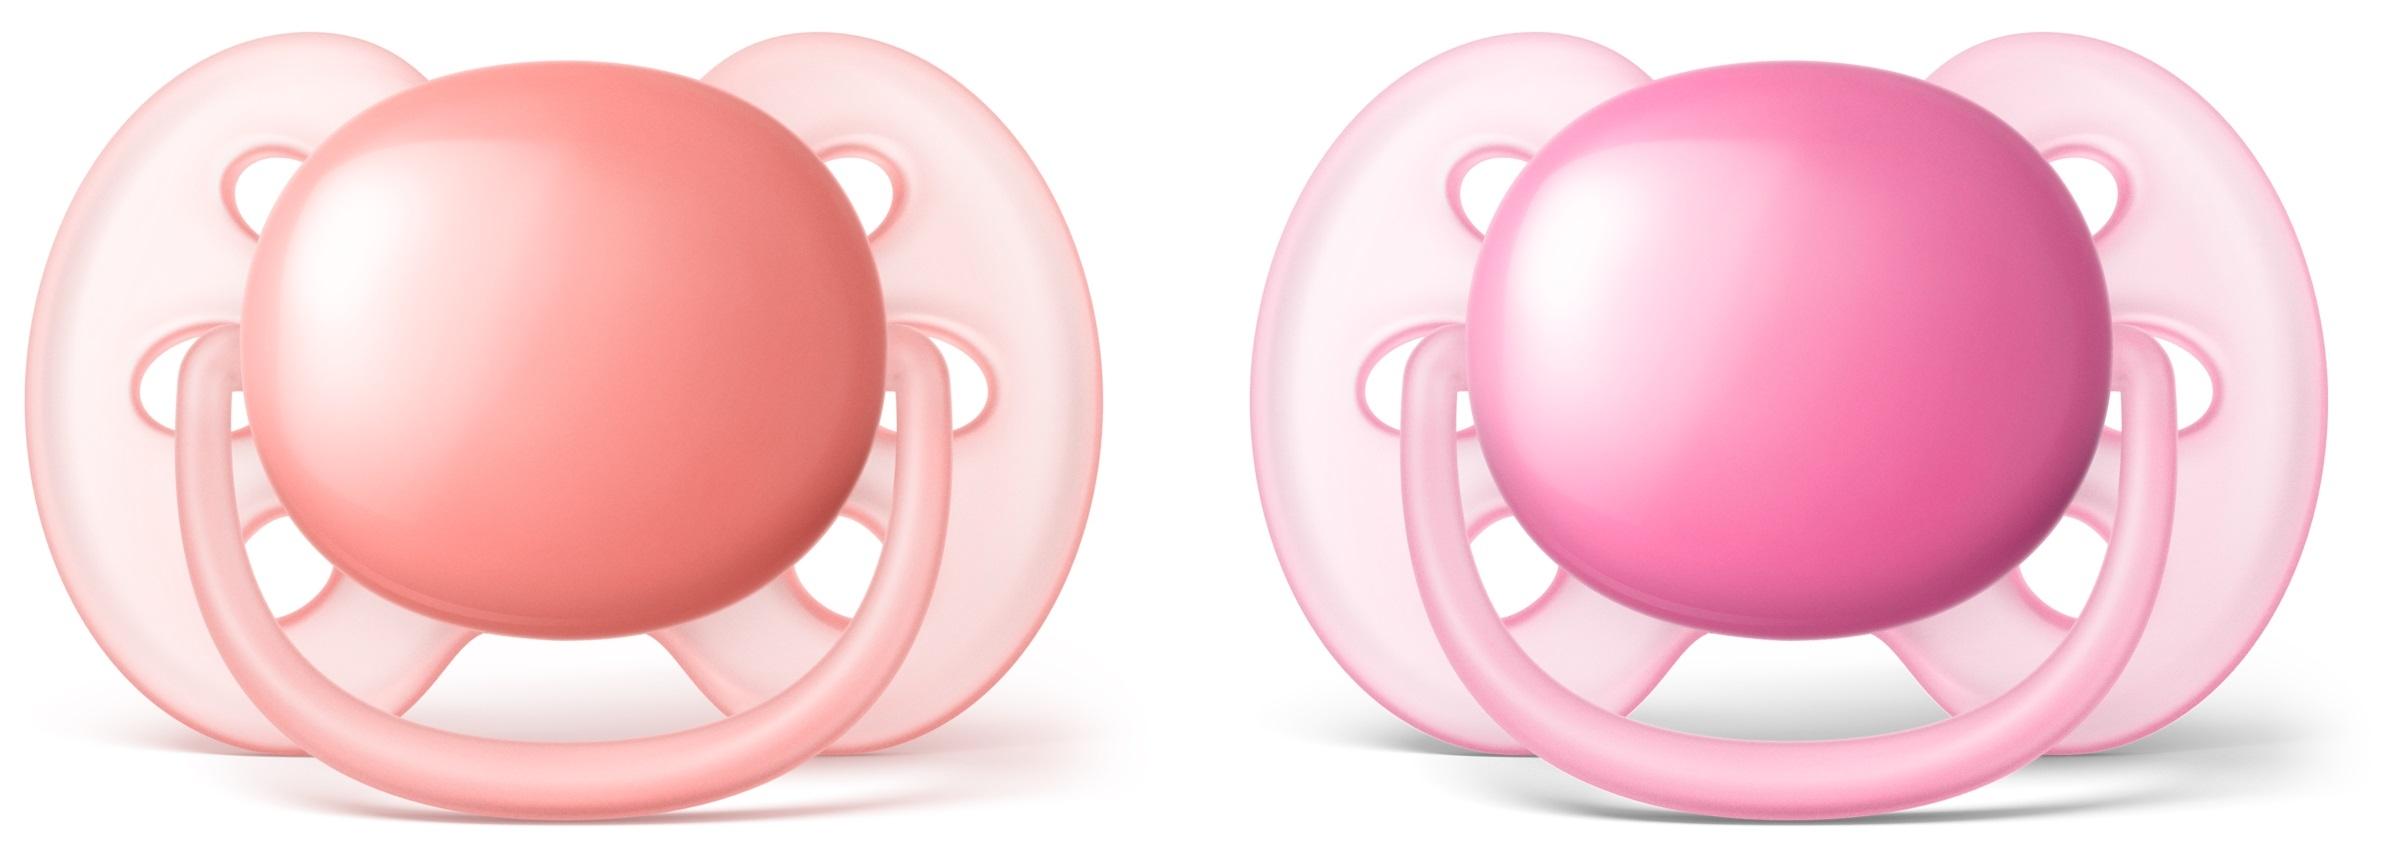 Пустышки Philips AVENT Пустышка Philips Avent Ultra soft силиконовая для девочек с 6 мес. 2 шт. philips avent philips avent термометр для ванны и помещений цифровой